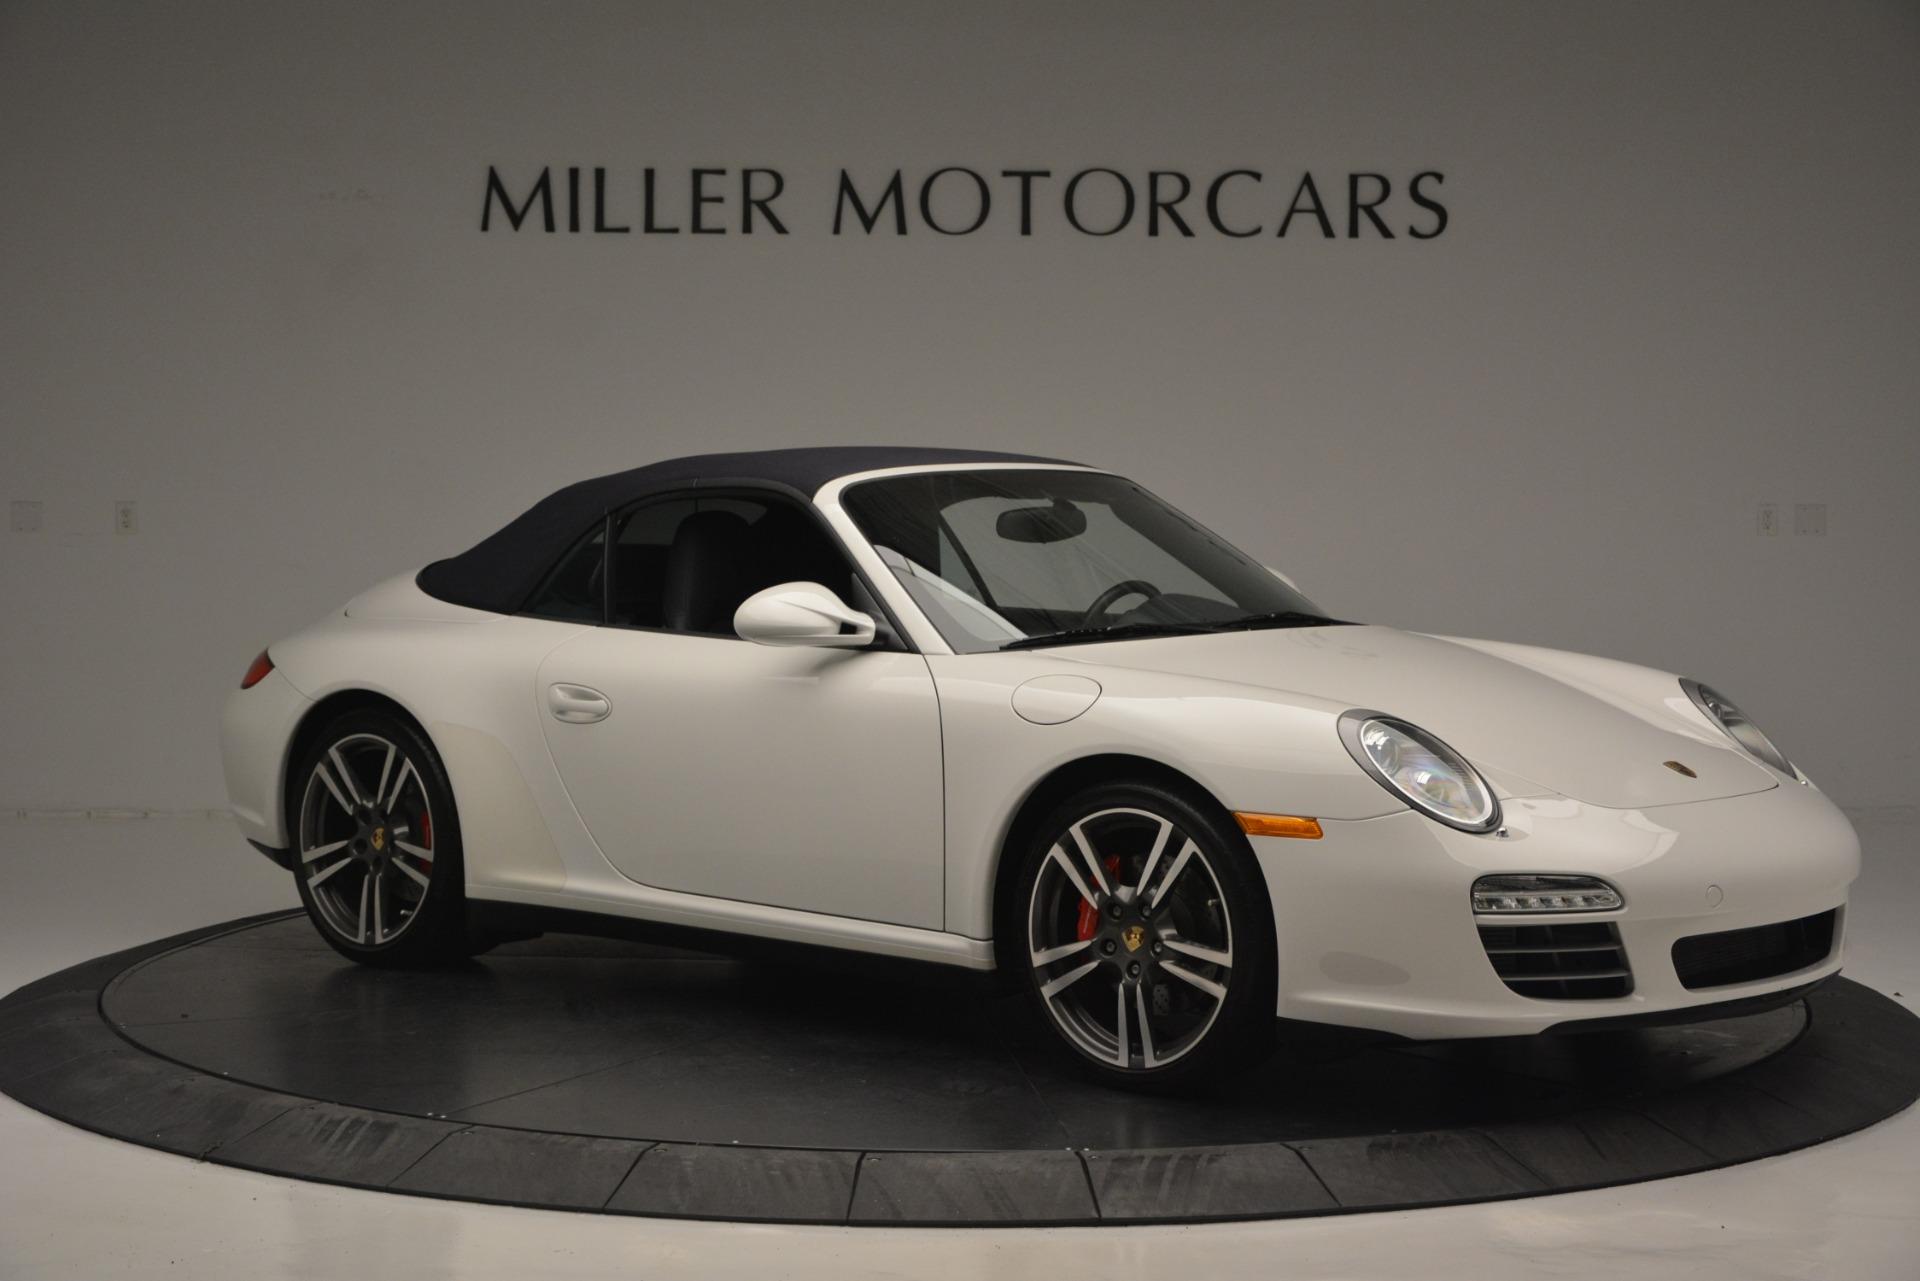 Used 2011 Porsche 911 Carrera 4S For Sale In Greenwich, CT 2600_p16